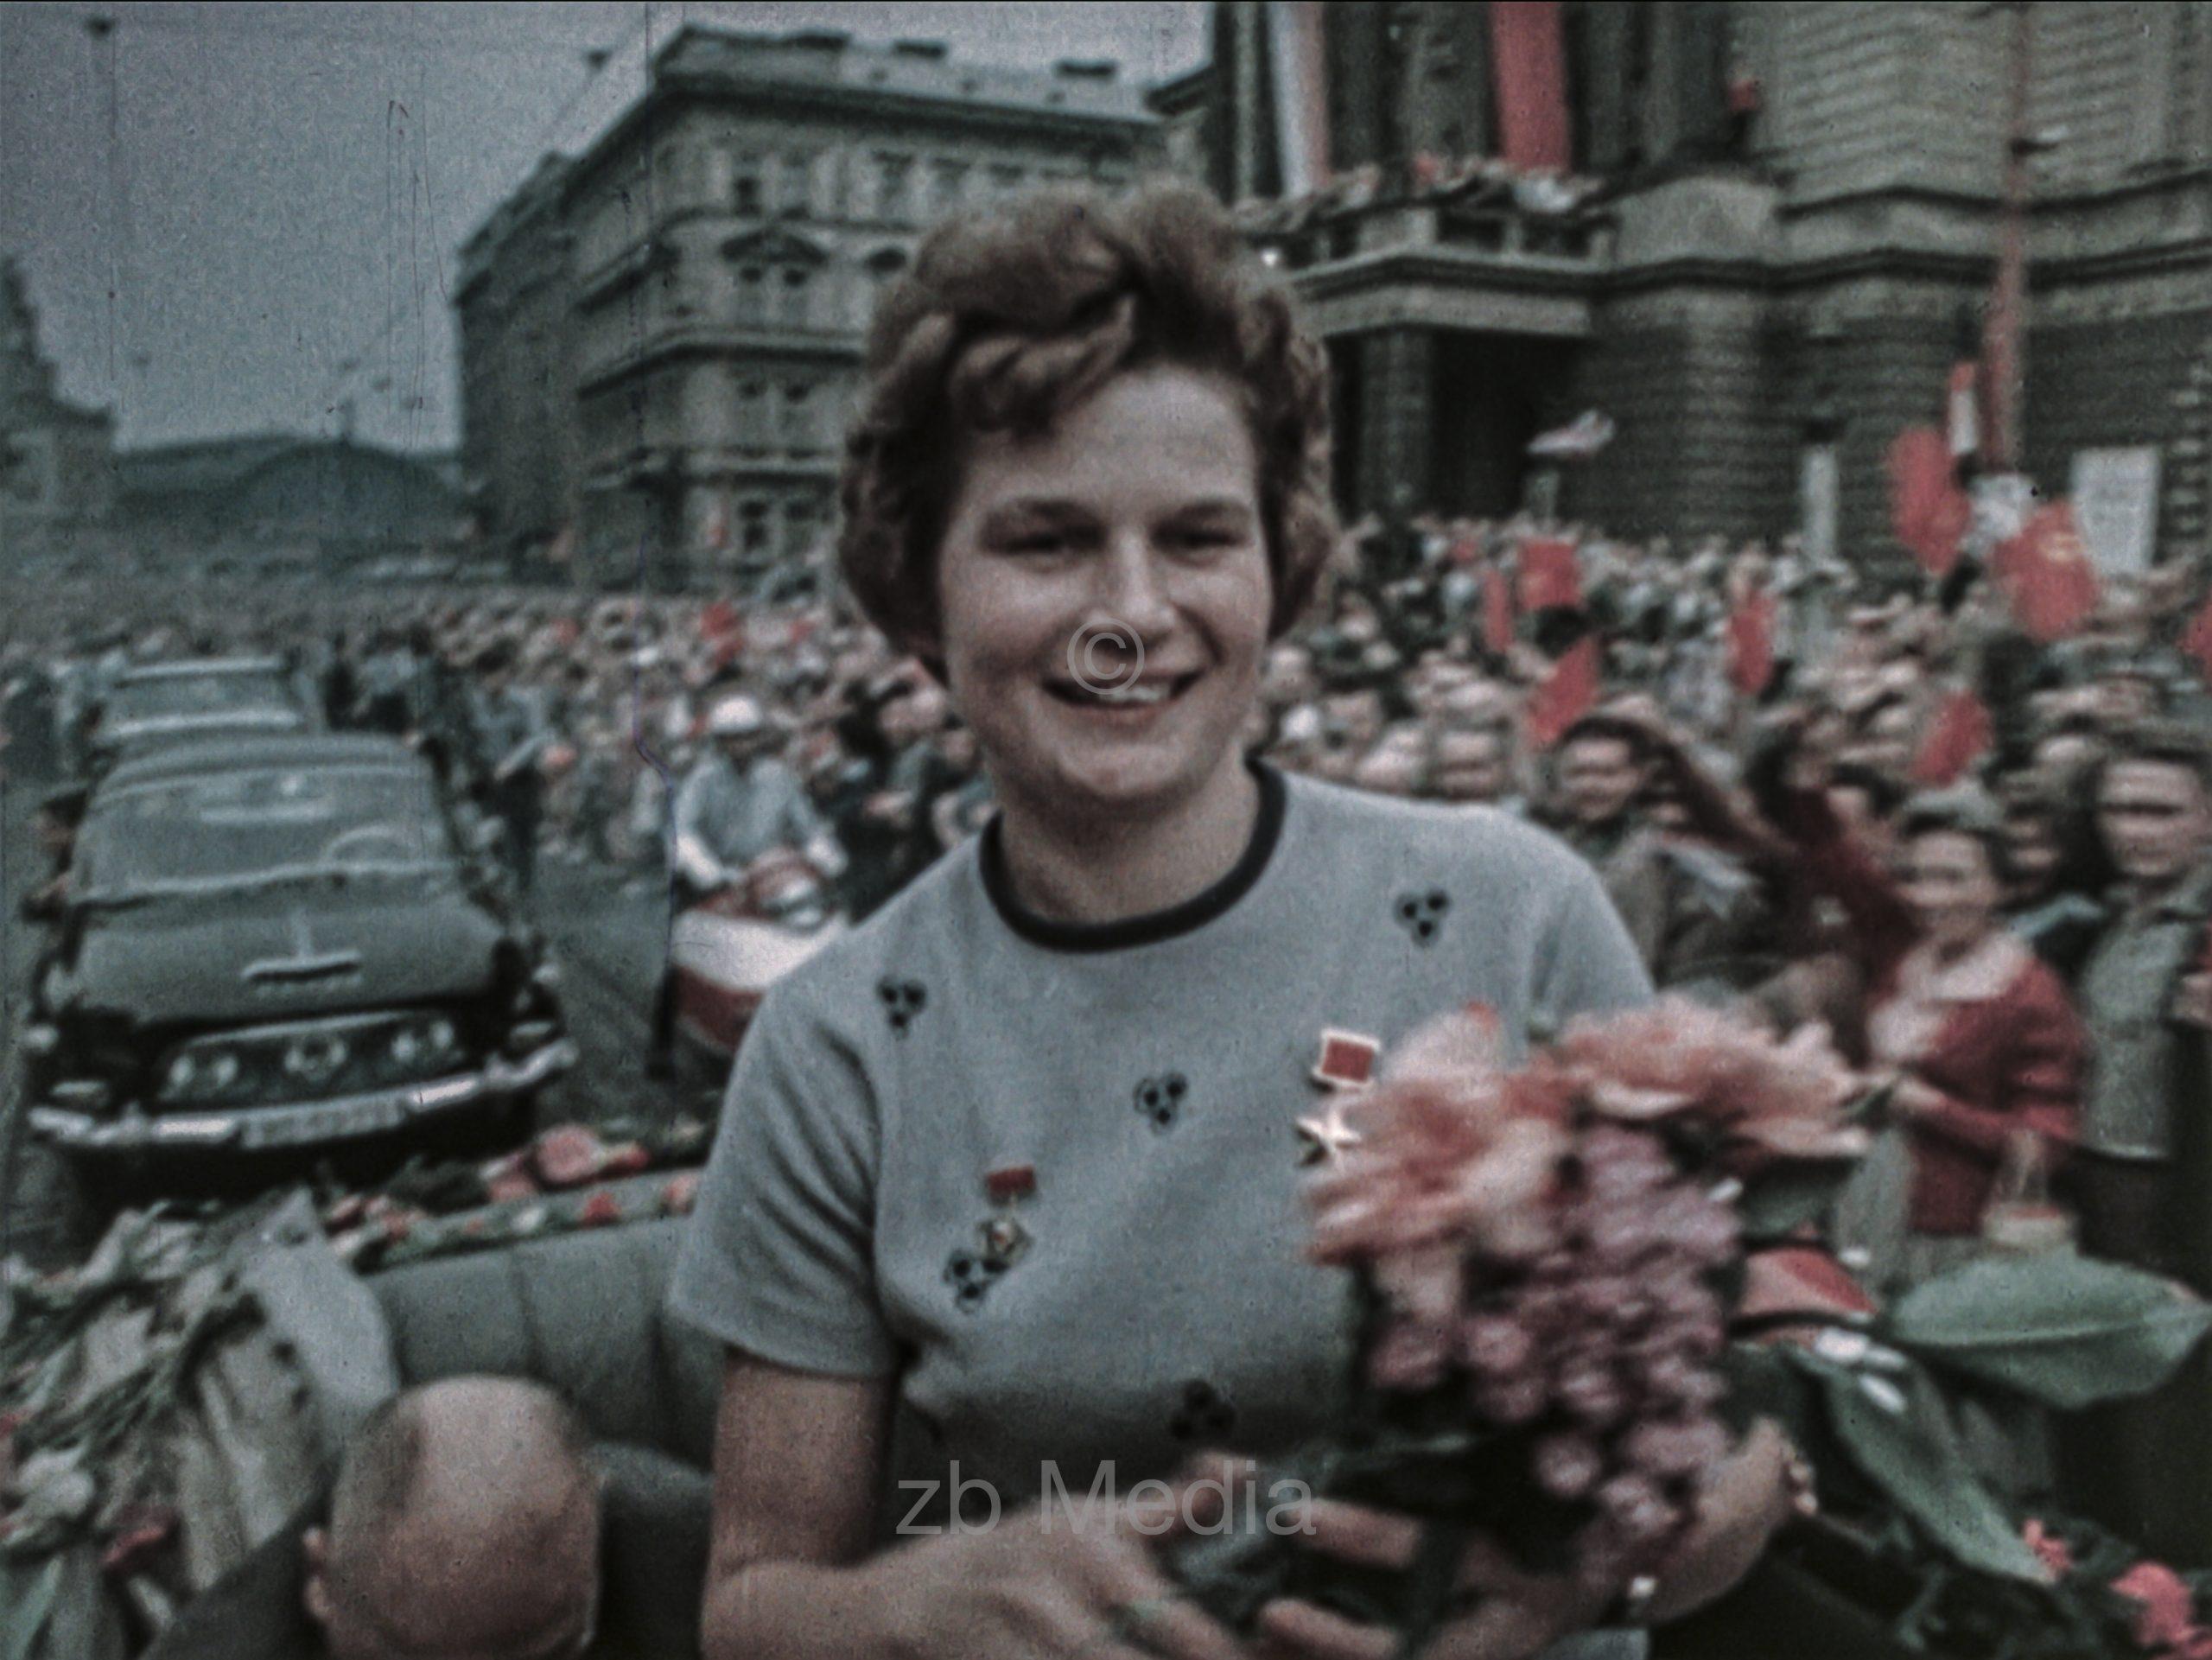 Kosmosbegeisterung bei Vostok Raumflug von Valentina Tereschkowa